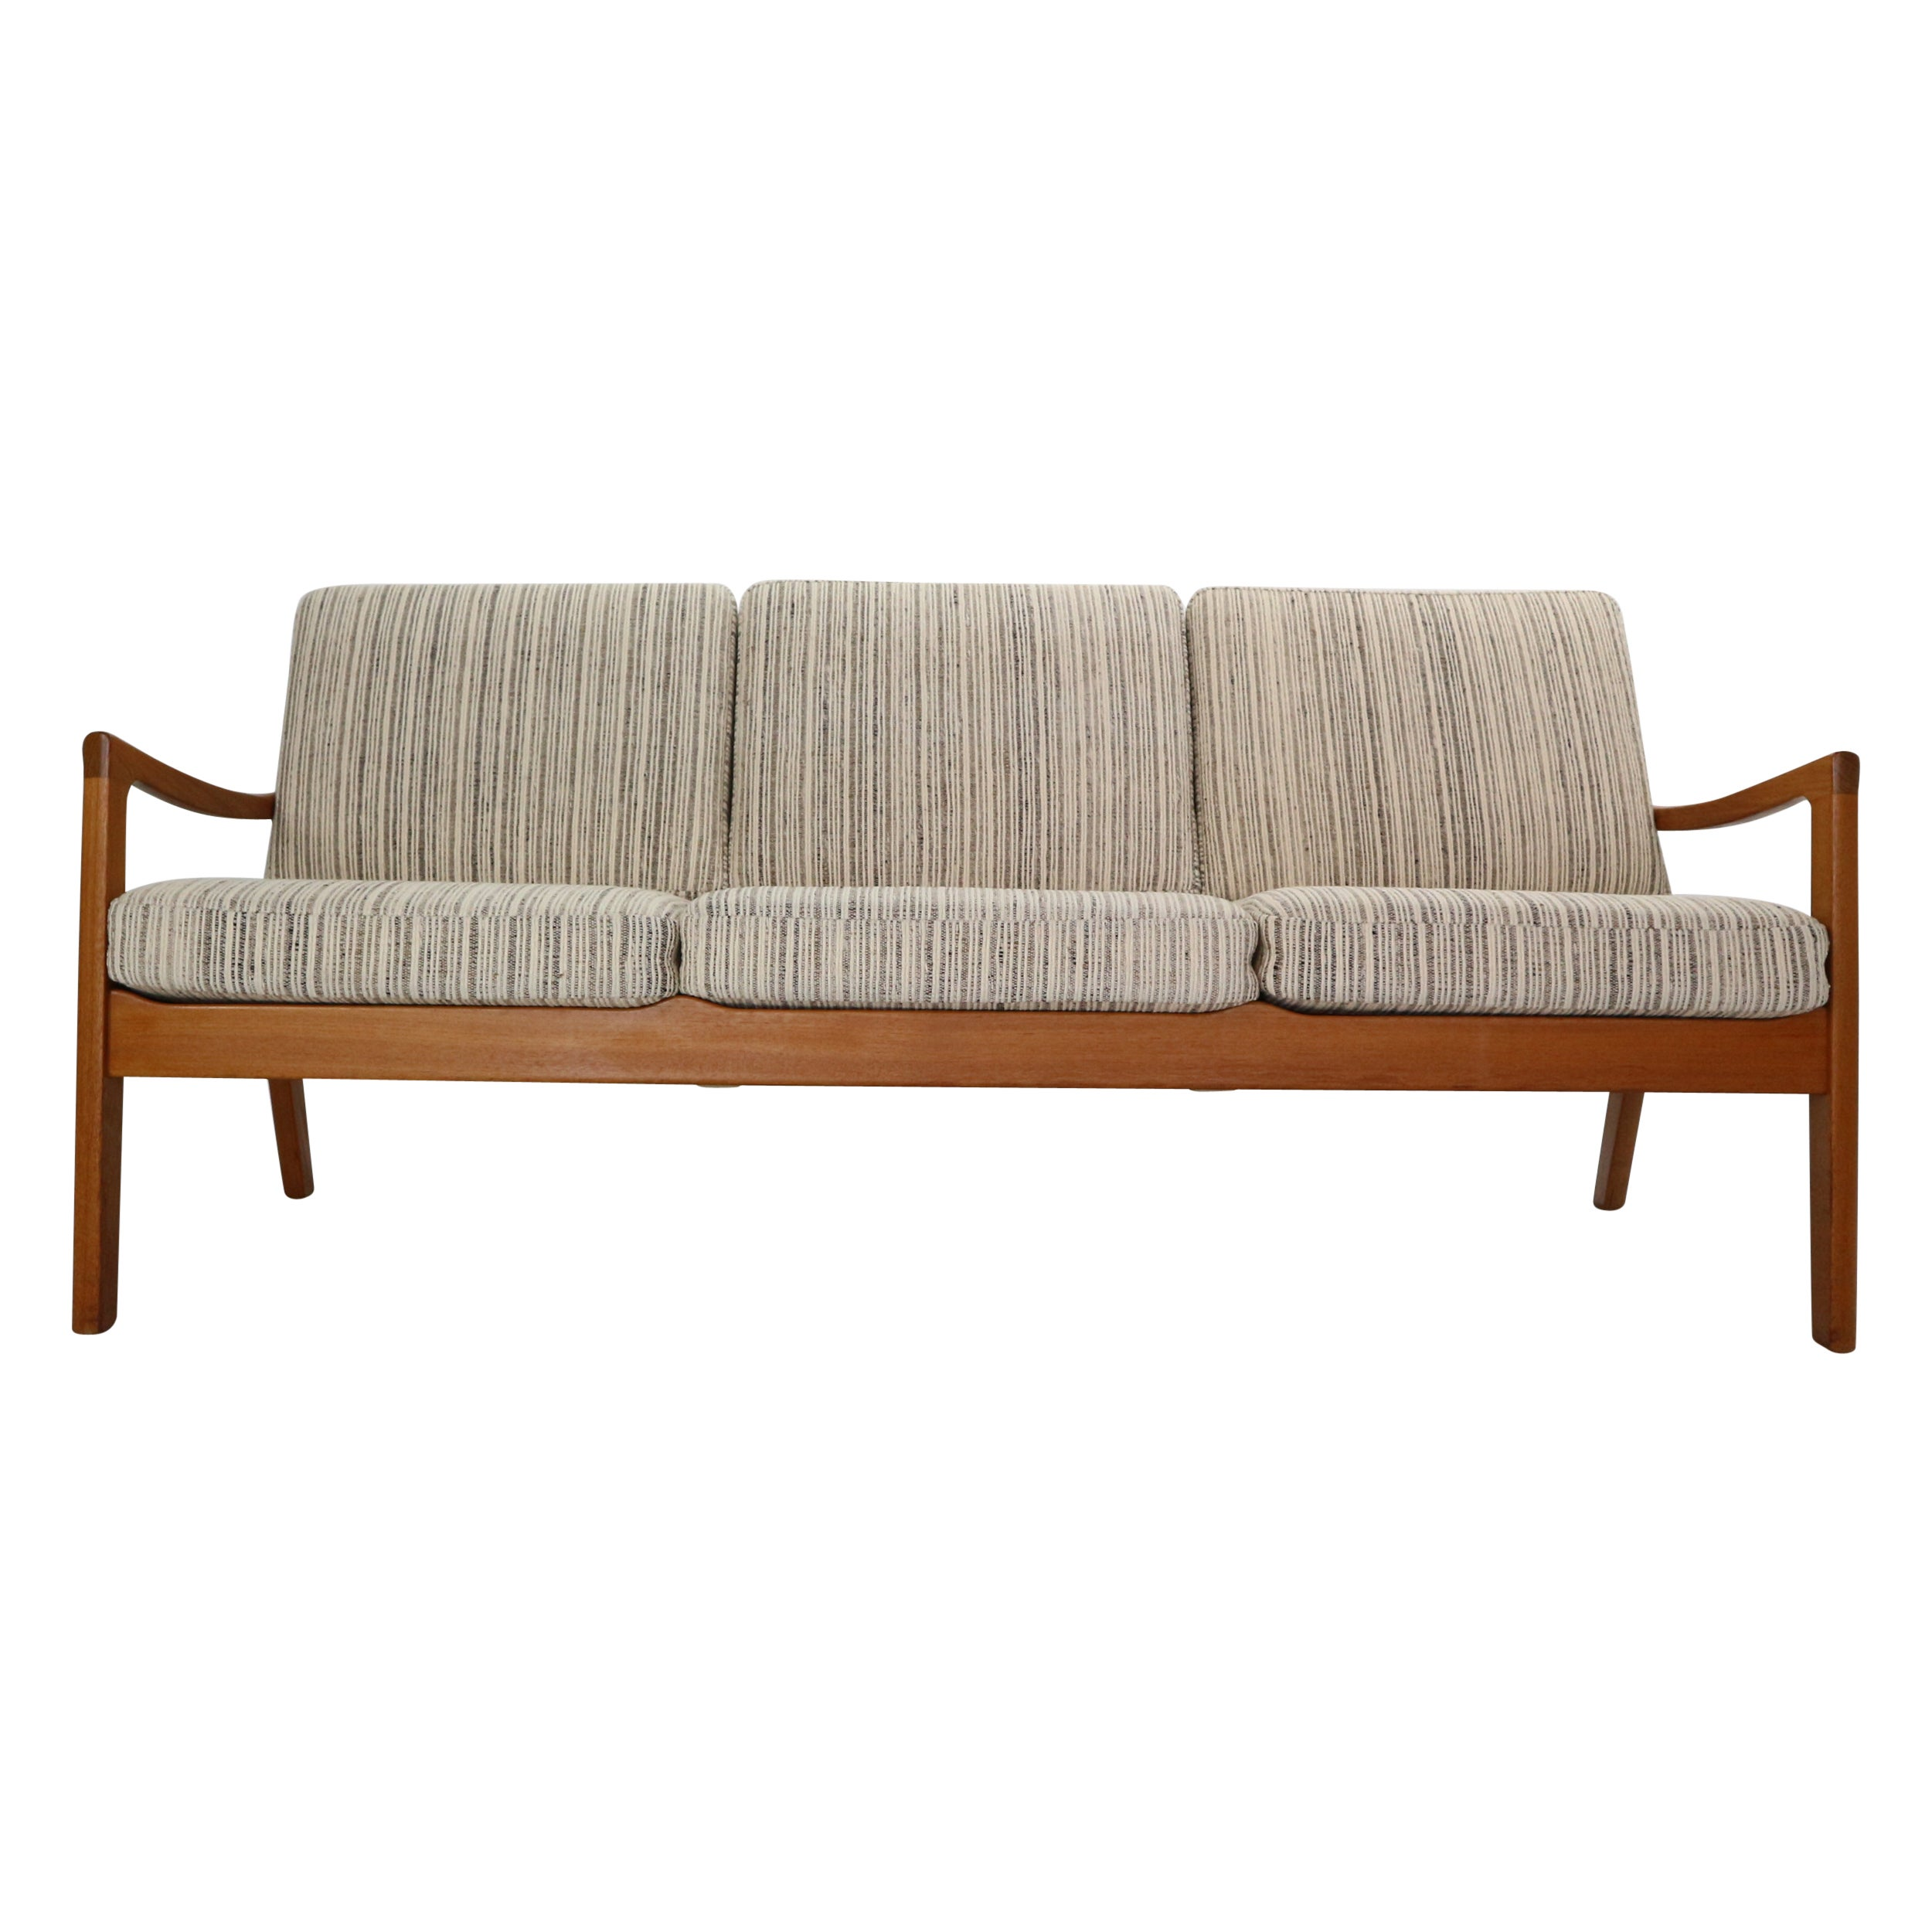 Ole Wanscher Senator 166 Teak 3-Seater Sofa for France & Søn, 1960, Denmark